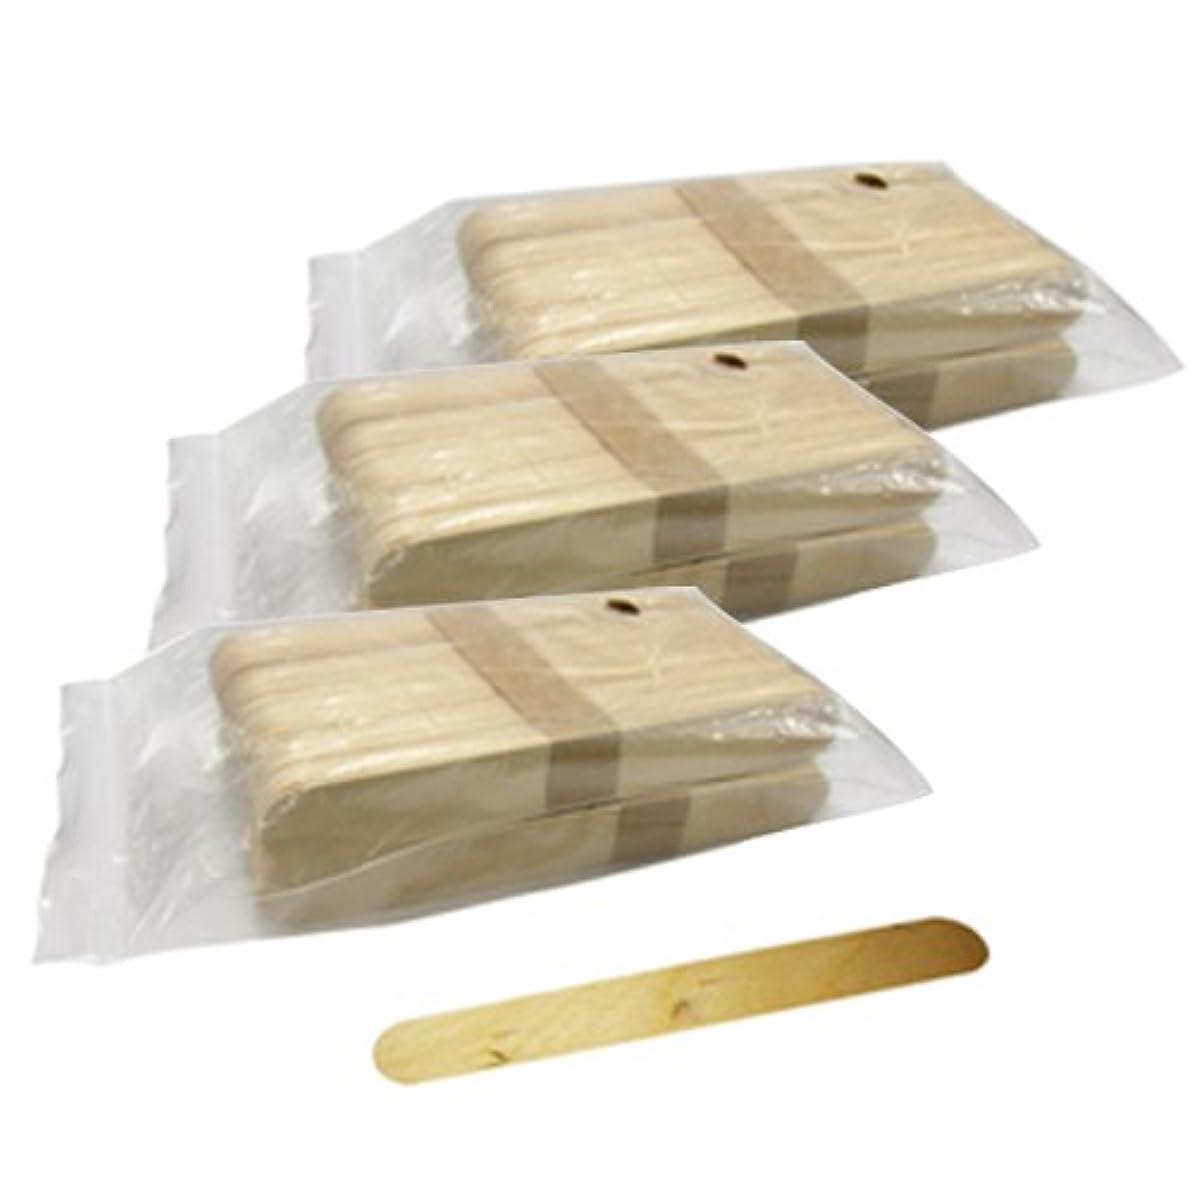 コンパクトマイクロ必要とする使い捨て【木ベラ/ウッドスパチュラ】(業務用100枚入り) × 3袋セット(計300枚)/WAX脱毛等や舌厚子にも …